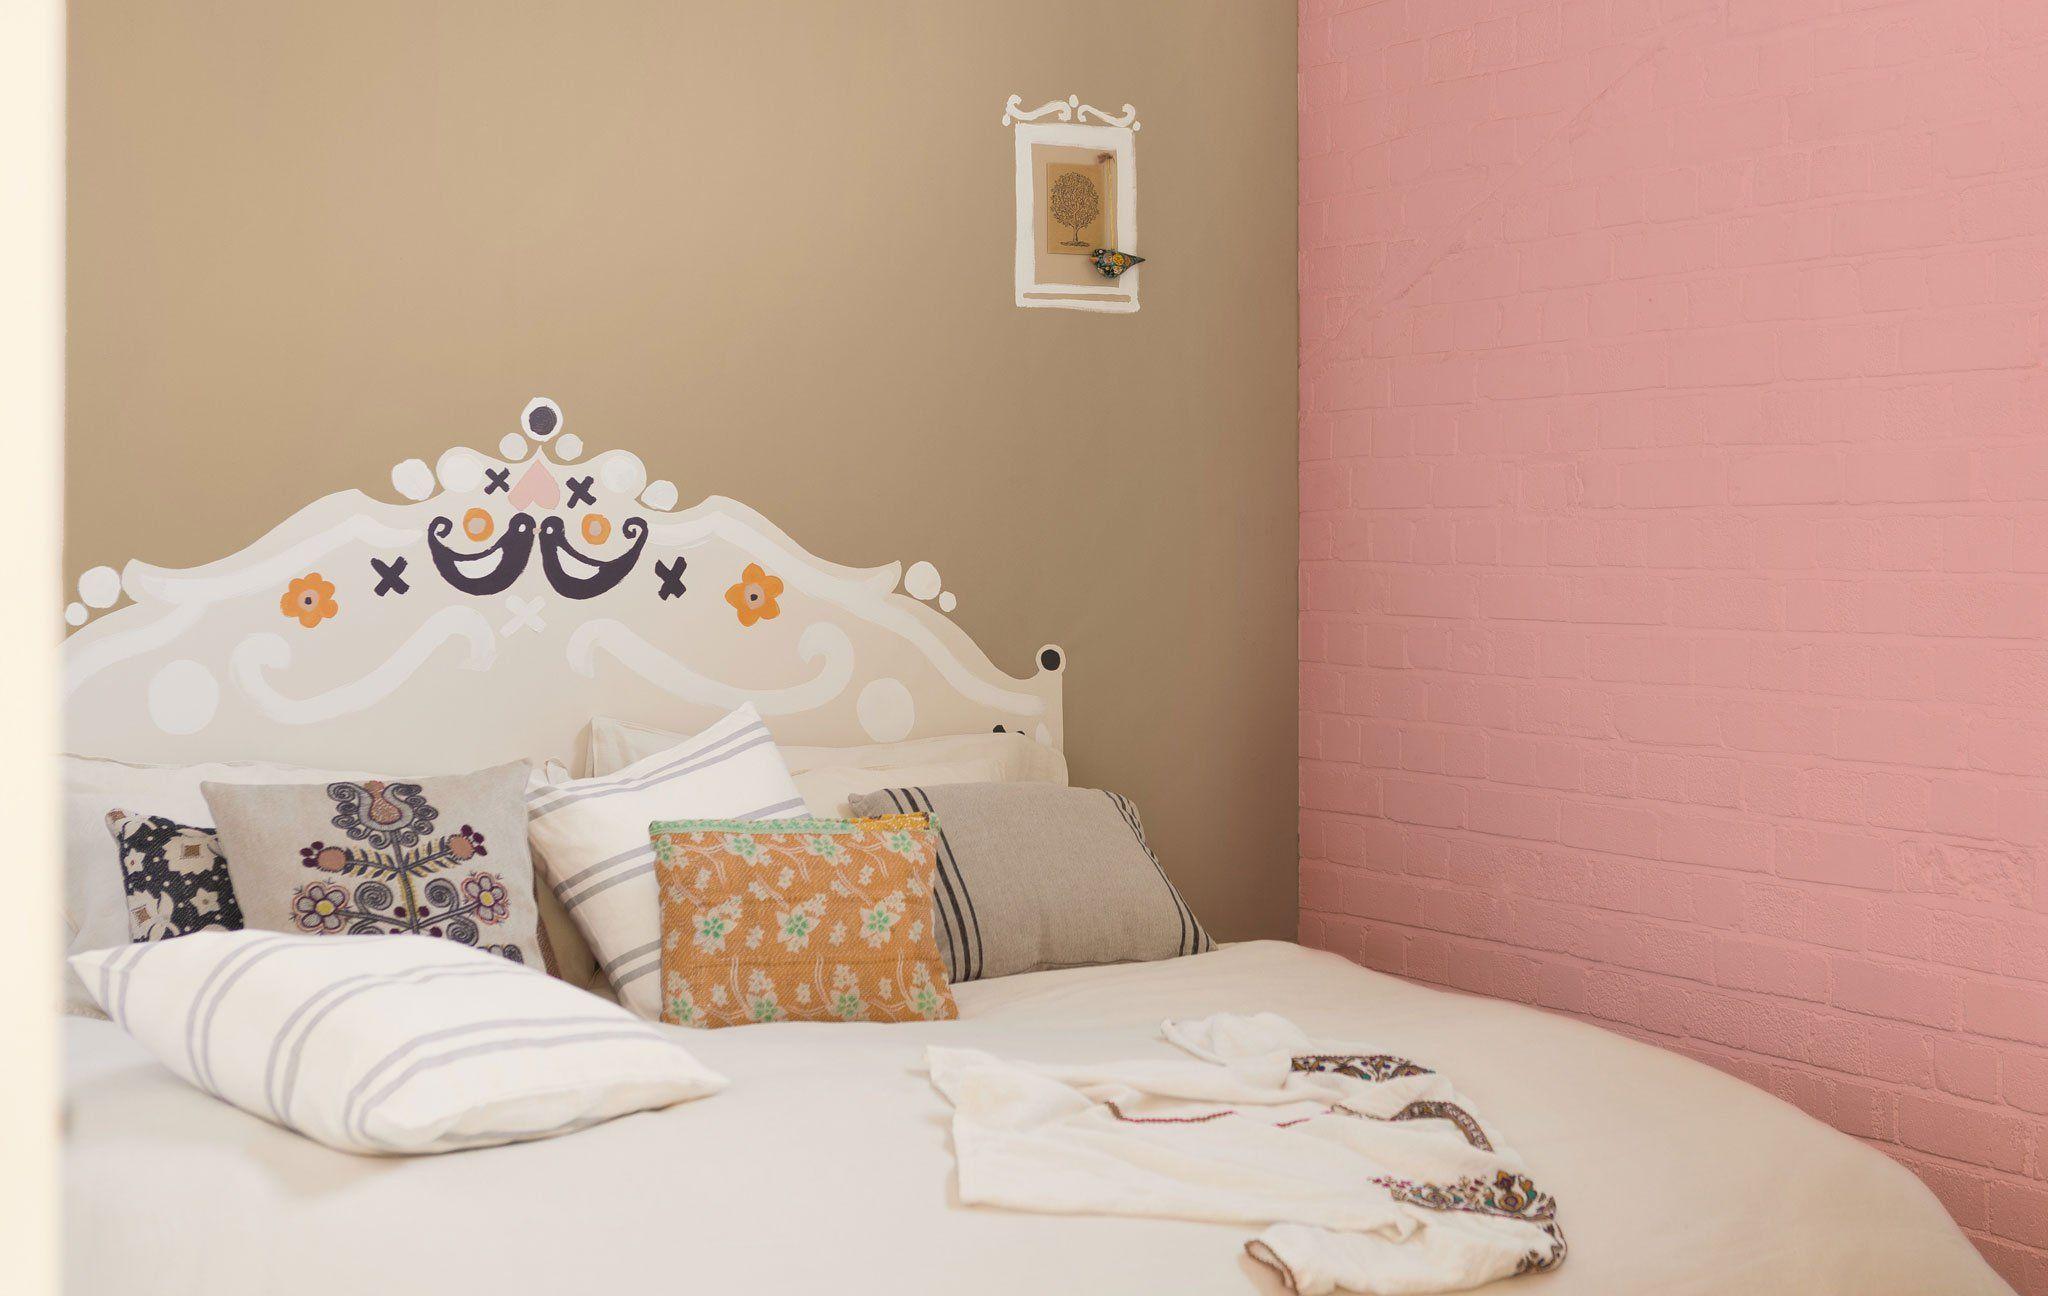 Farbgestaltung Der Wohnung Ideen Und Tipps Schlafzimmer Themen